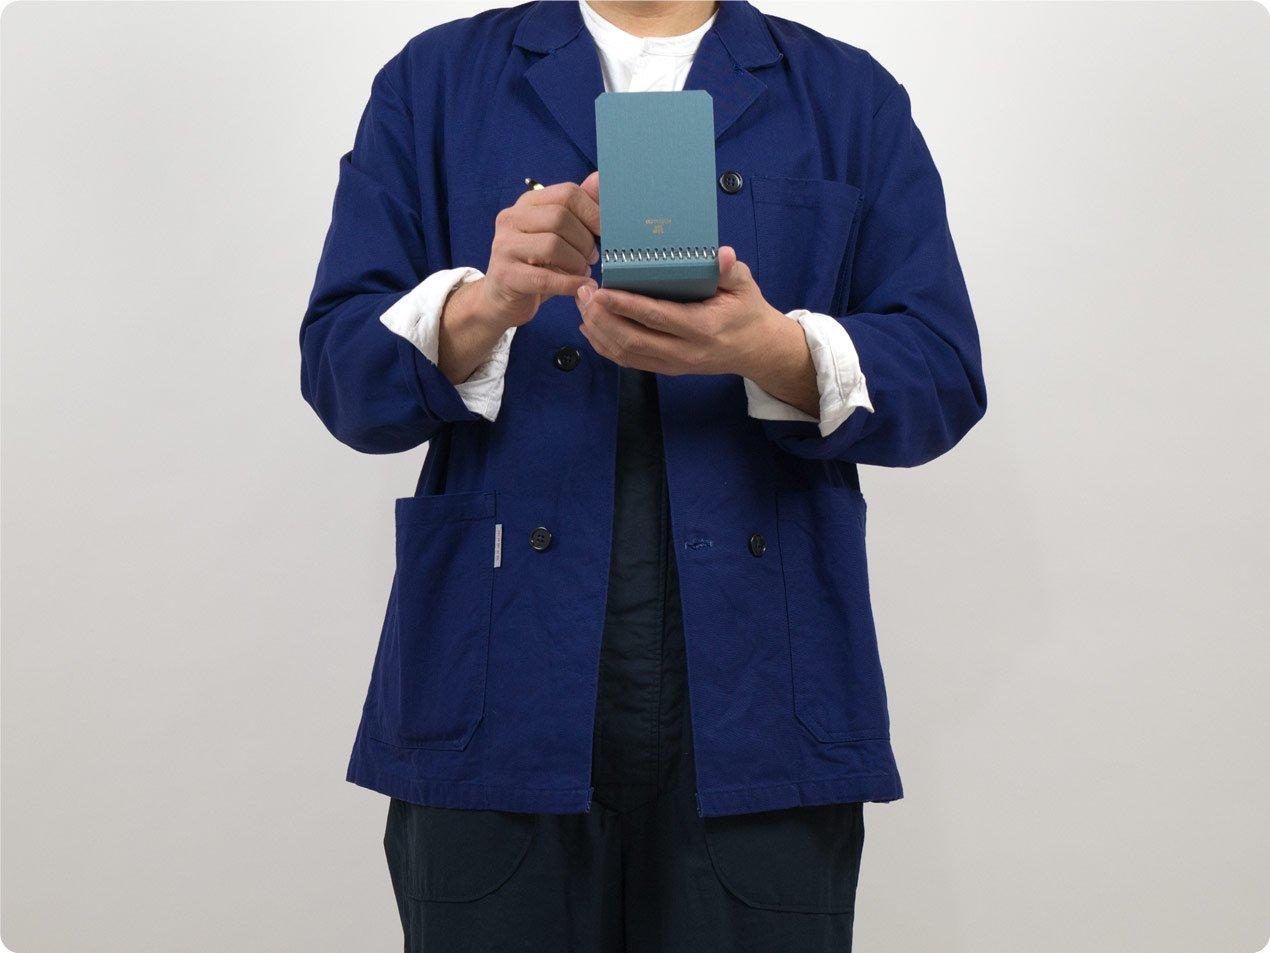 POSTALCO Notebook A7 Light Blue